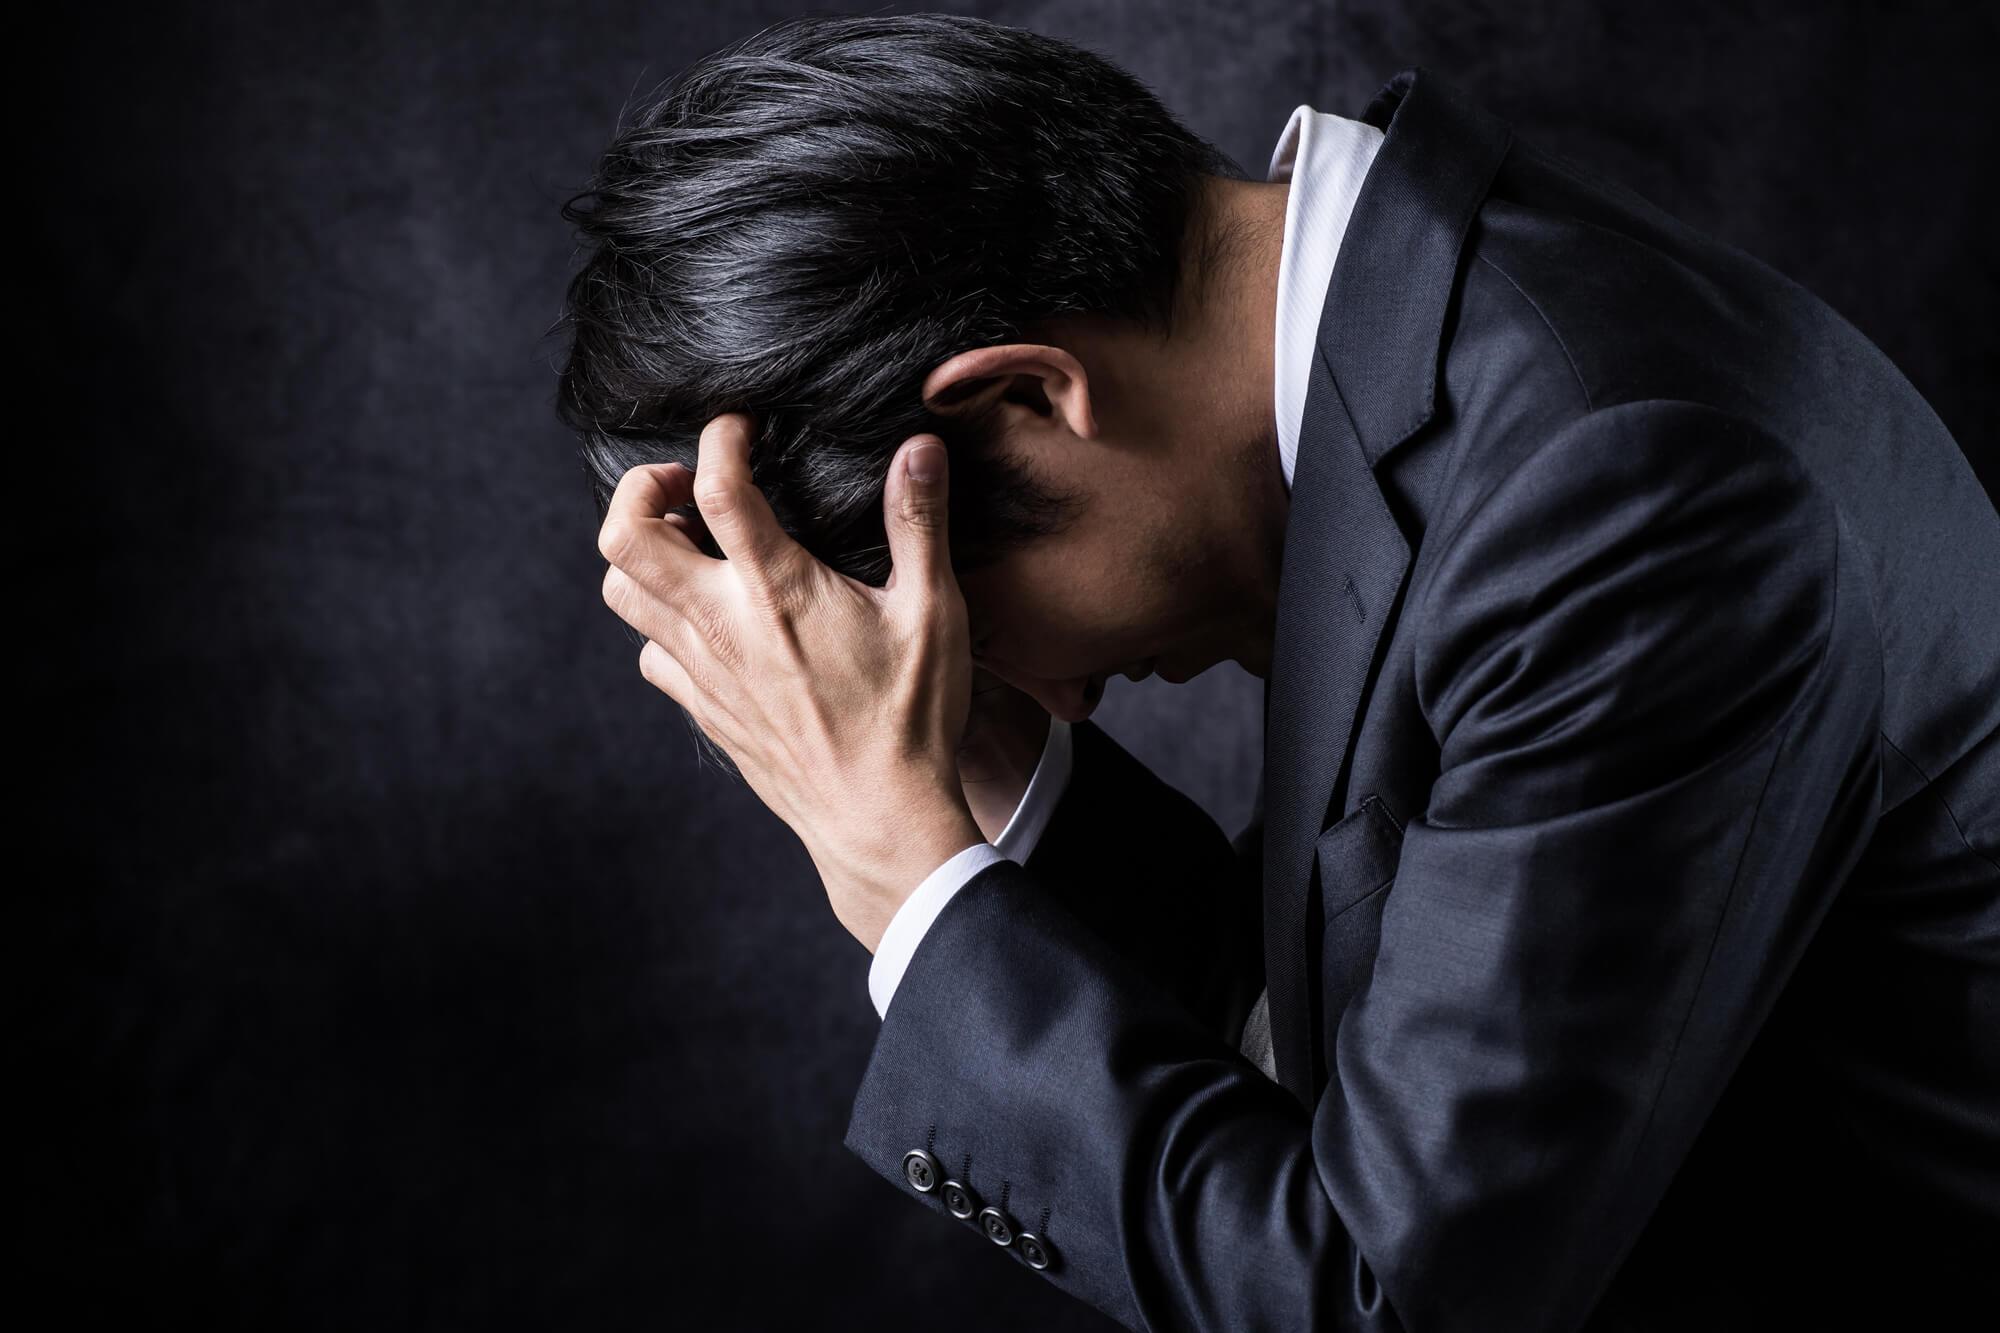 不動産投資詐欺に要注意! 驚くべき5つの手口と被害者の末路